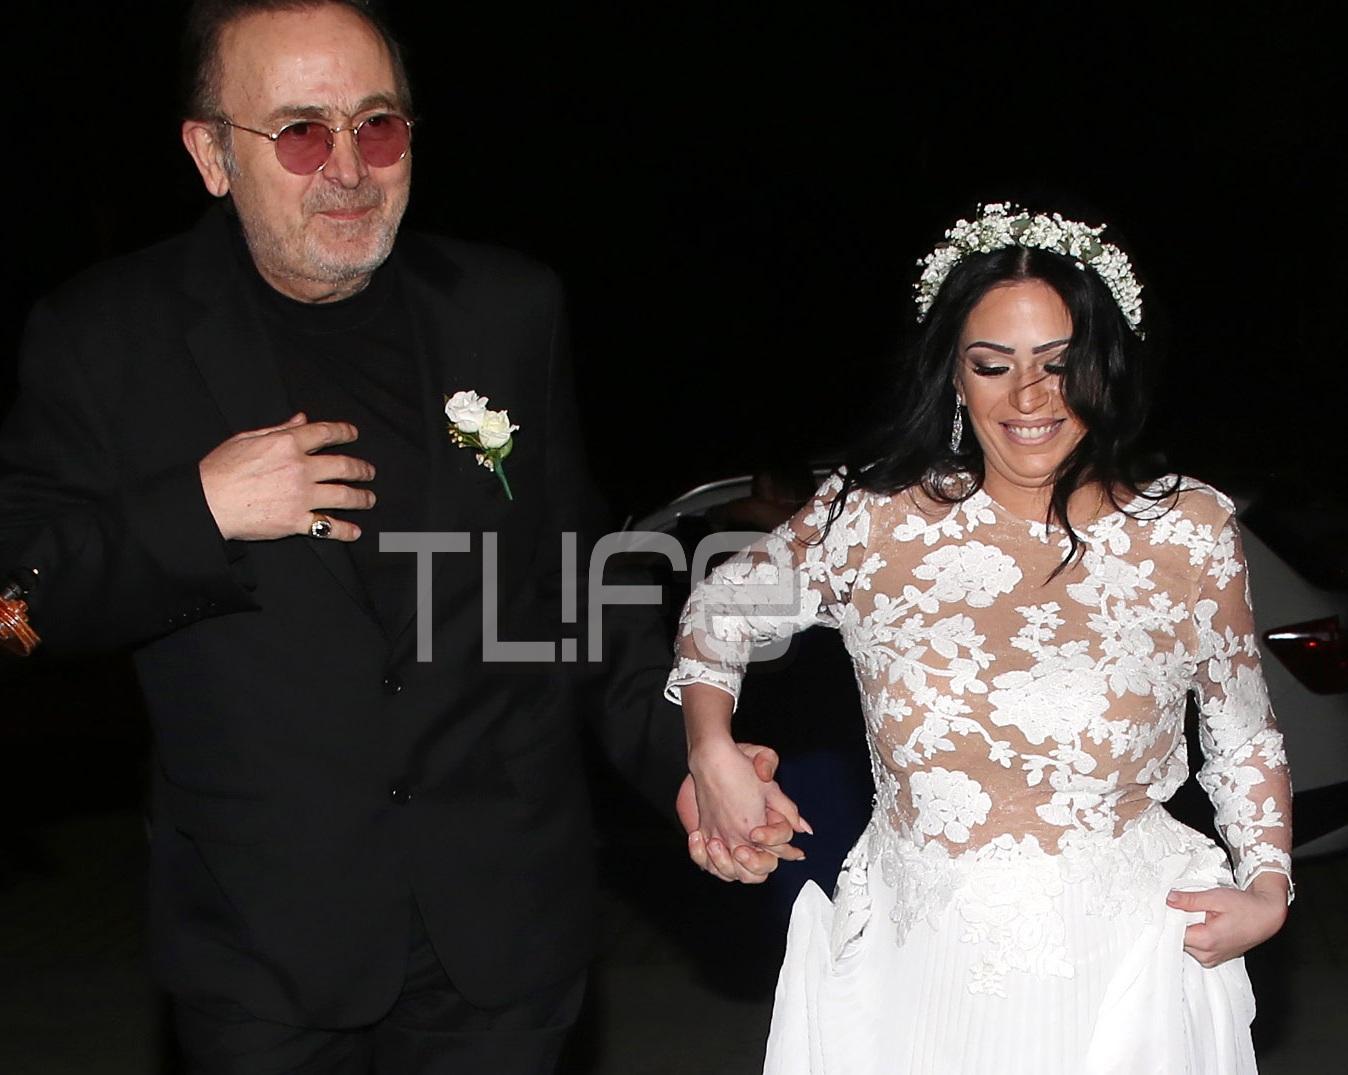 Σταμάτης Γονίδης: Το άλμπουμ του γάμου της εγκυμονούσας κόρης του Στεφανίας με τον αγαπημένο της! [pics] | tlife.gr